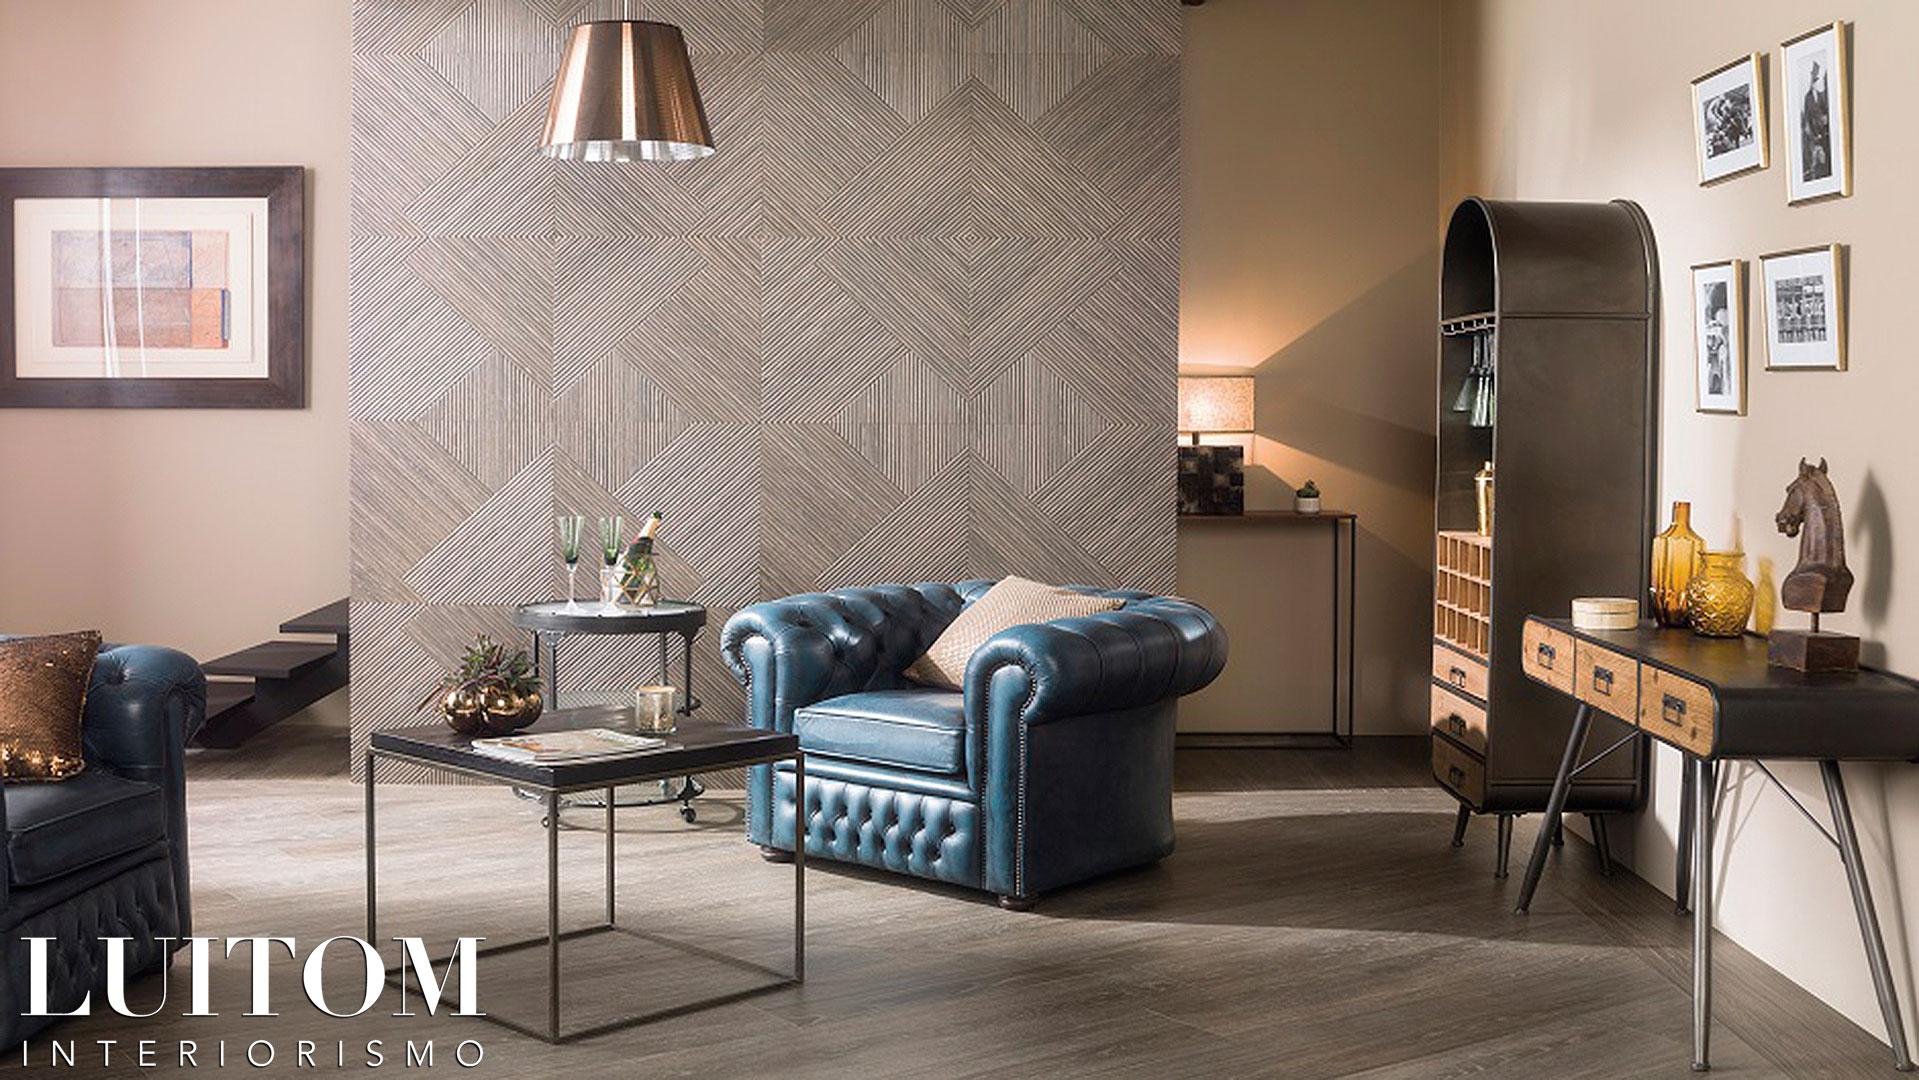 proyecto-decoracion-casa-interiorismo-lujo-madrid-arquitectos-interioristas-decoradores-01